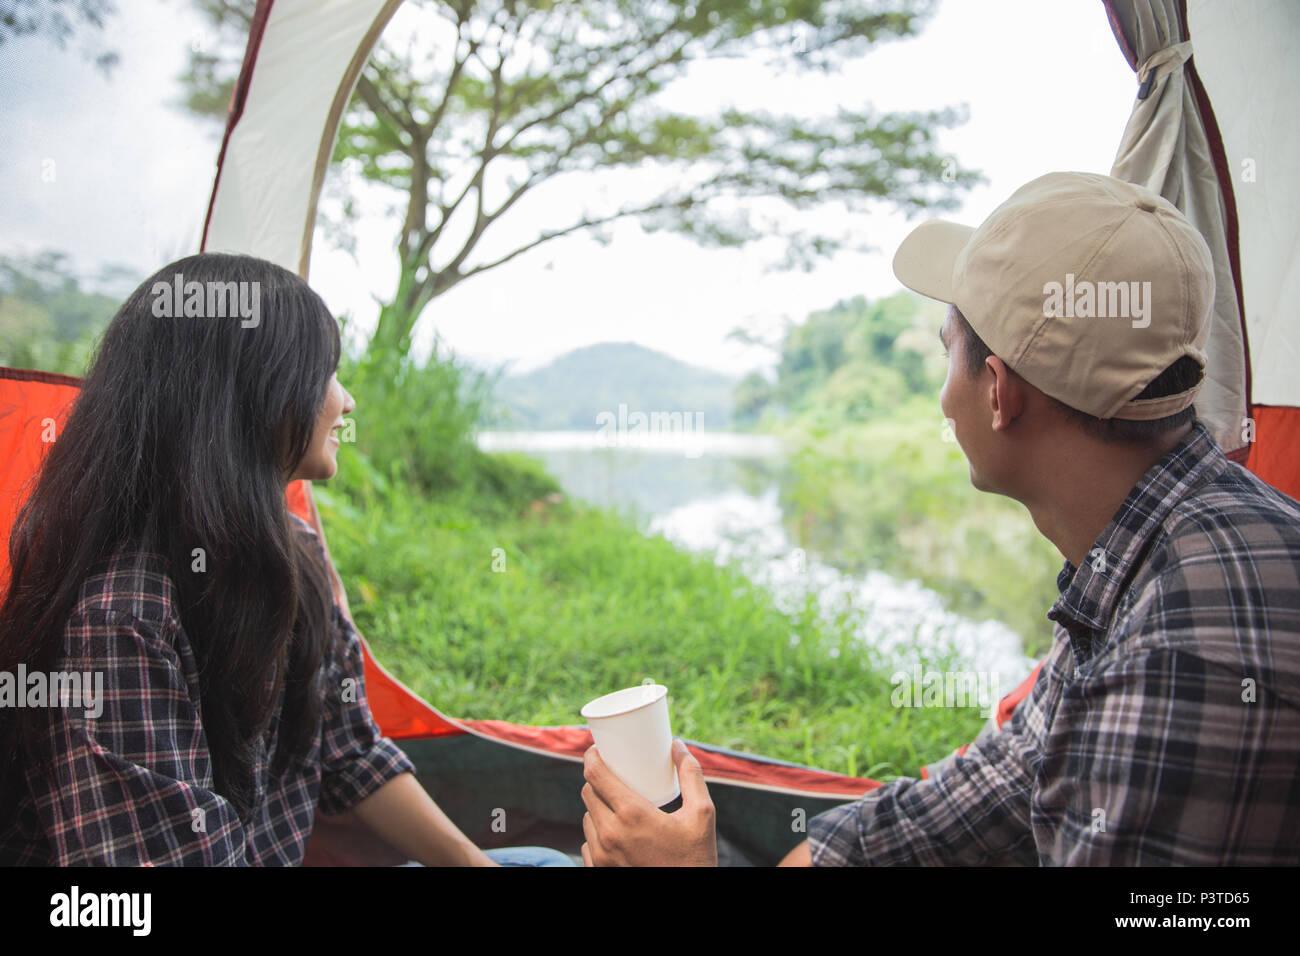 Camping du lac par un couple Photo Stock